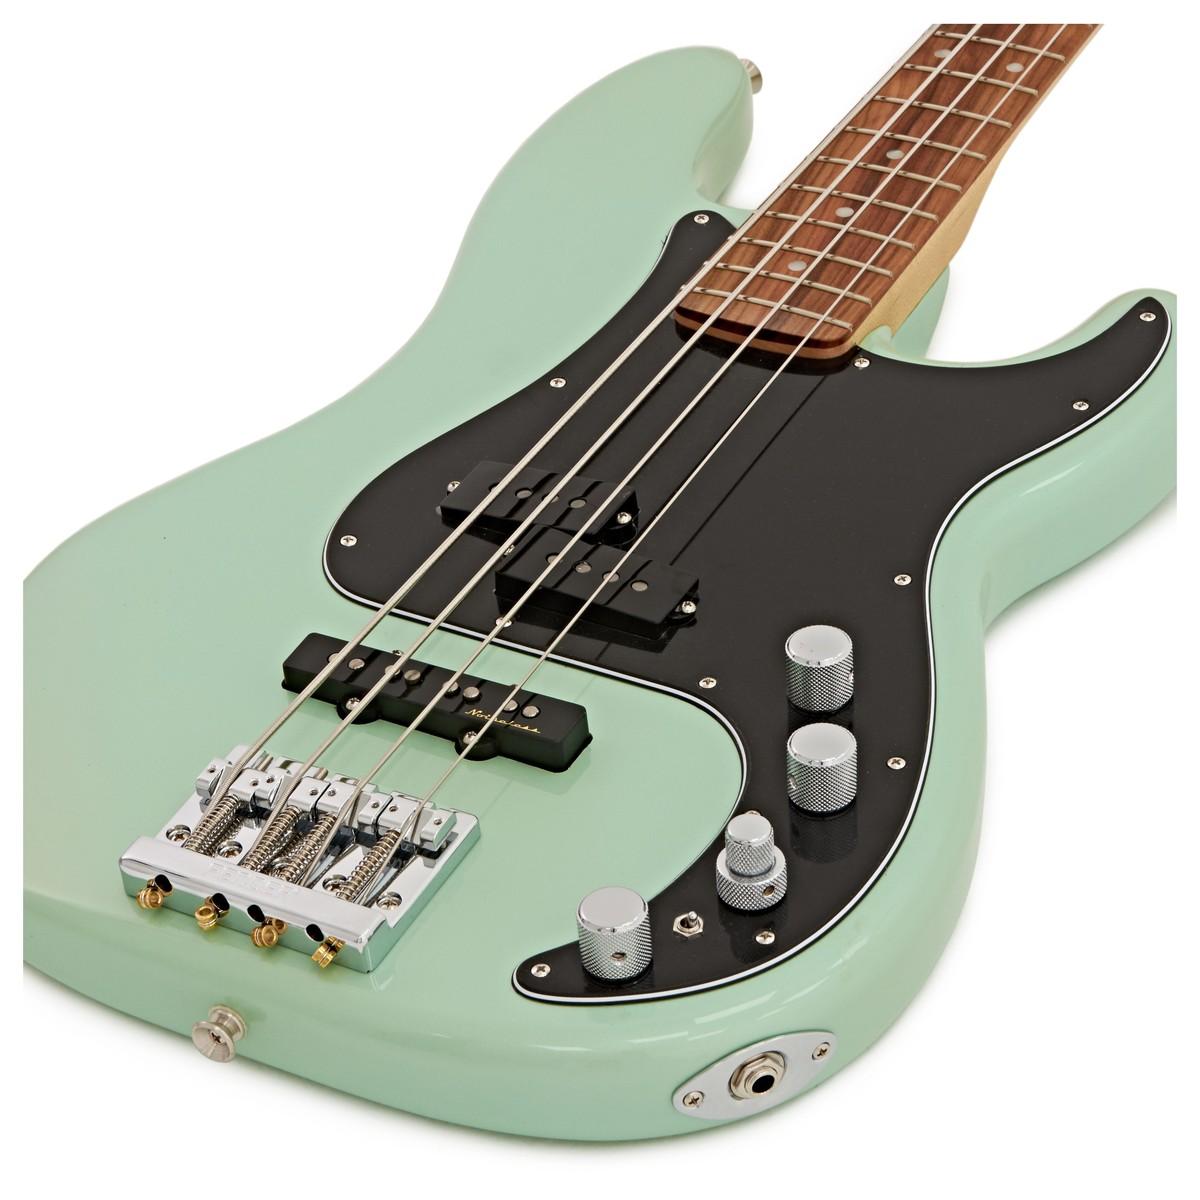 Fender Deluxe Active P Bass Special : fender deluxe active p bass special pau ferro surf pearl at gear4music ~ Russianpoet.info Haus und Dekorationen